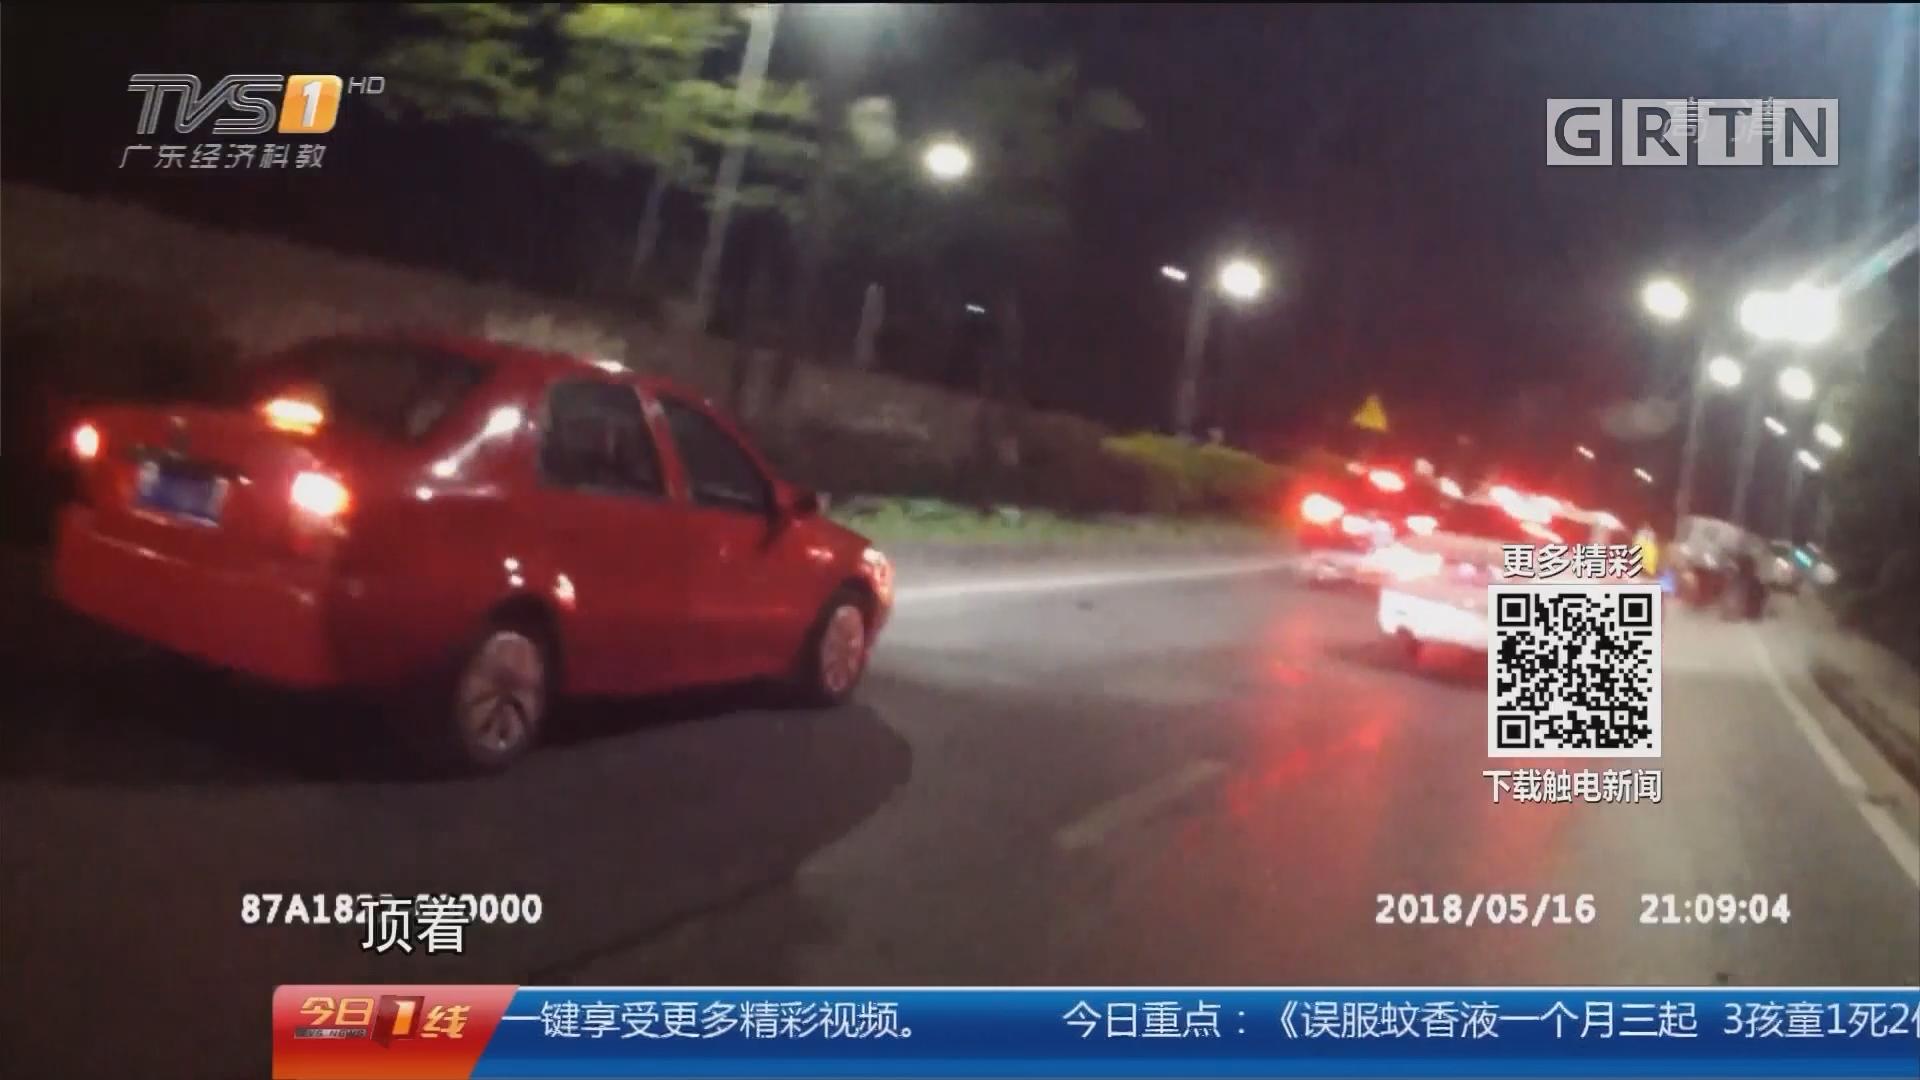 佛山南海:无证驾车疯狂作死 涉事司机被刑拘